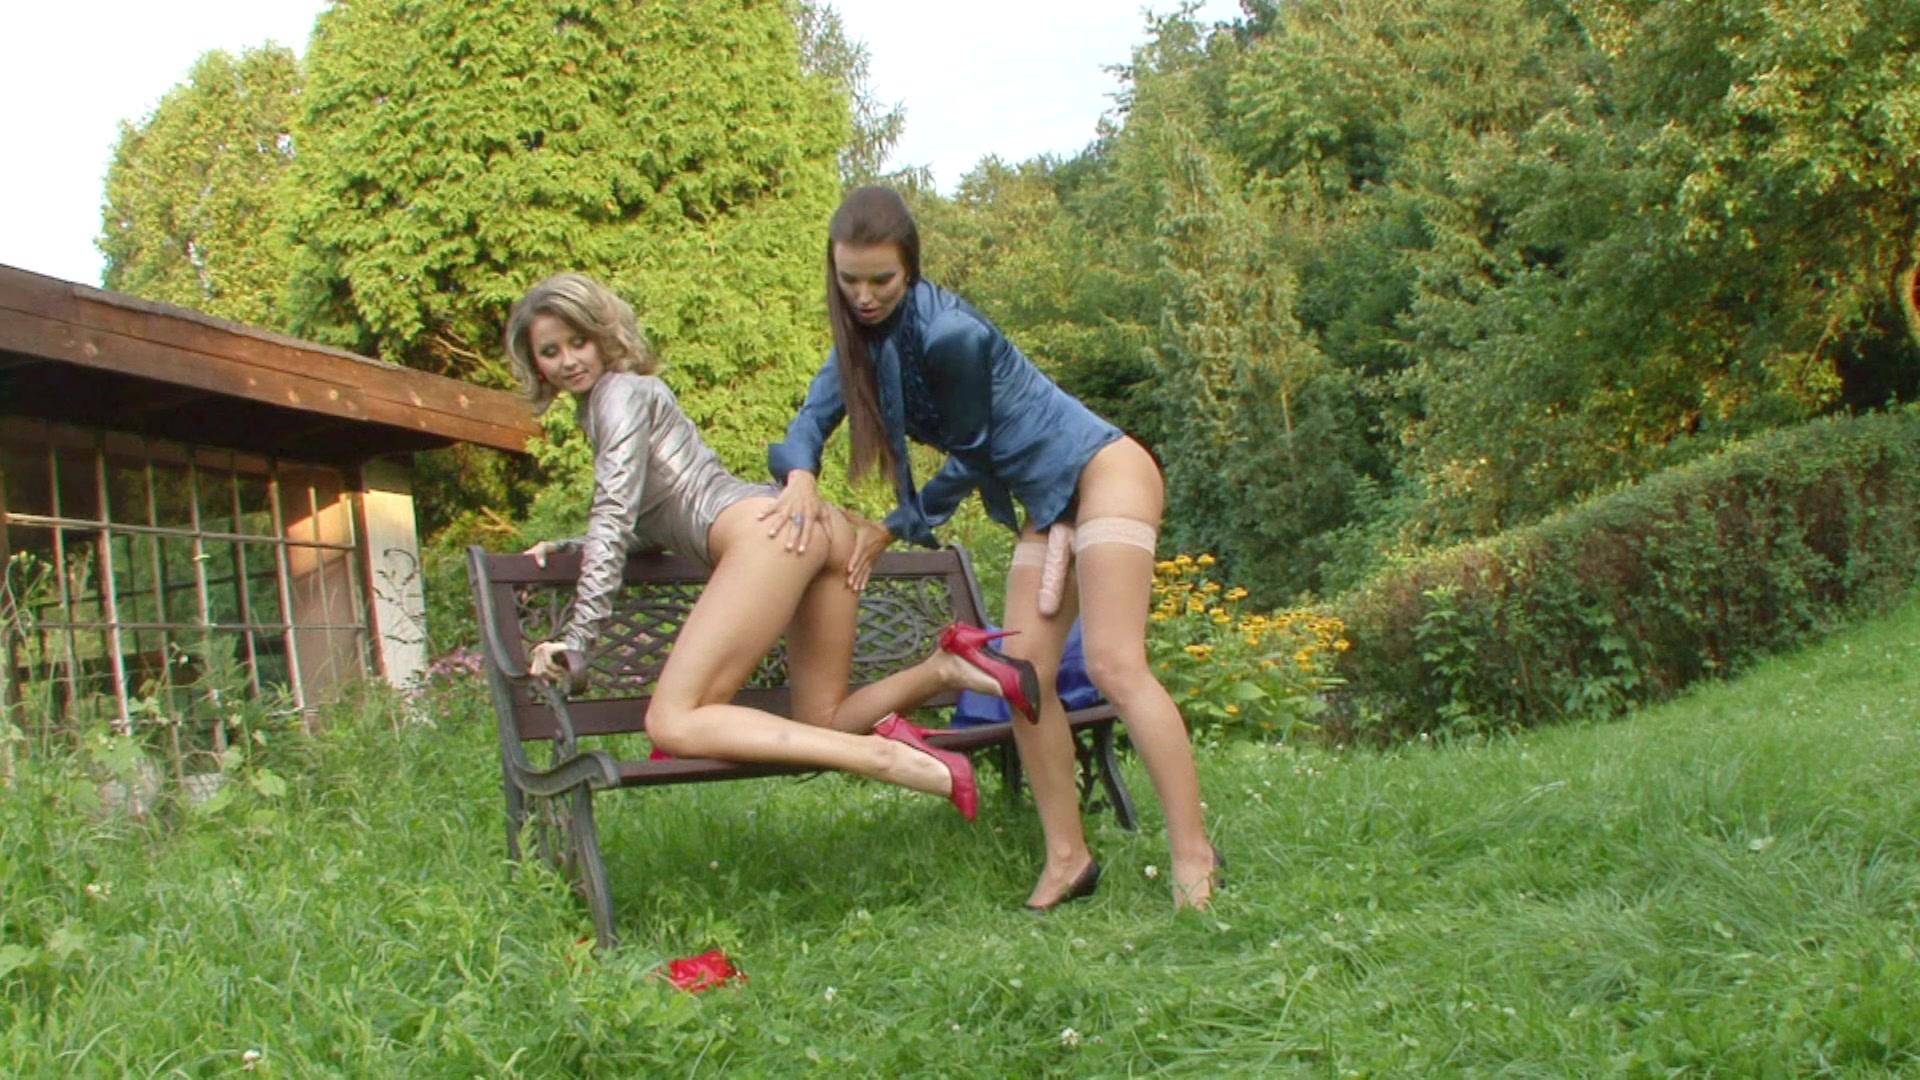 видео секс в парке лесби на лавочке